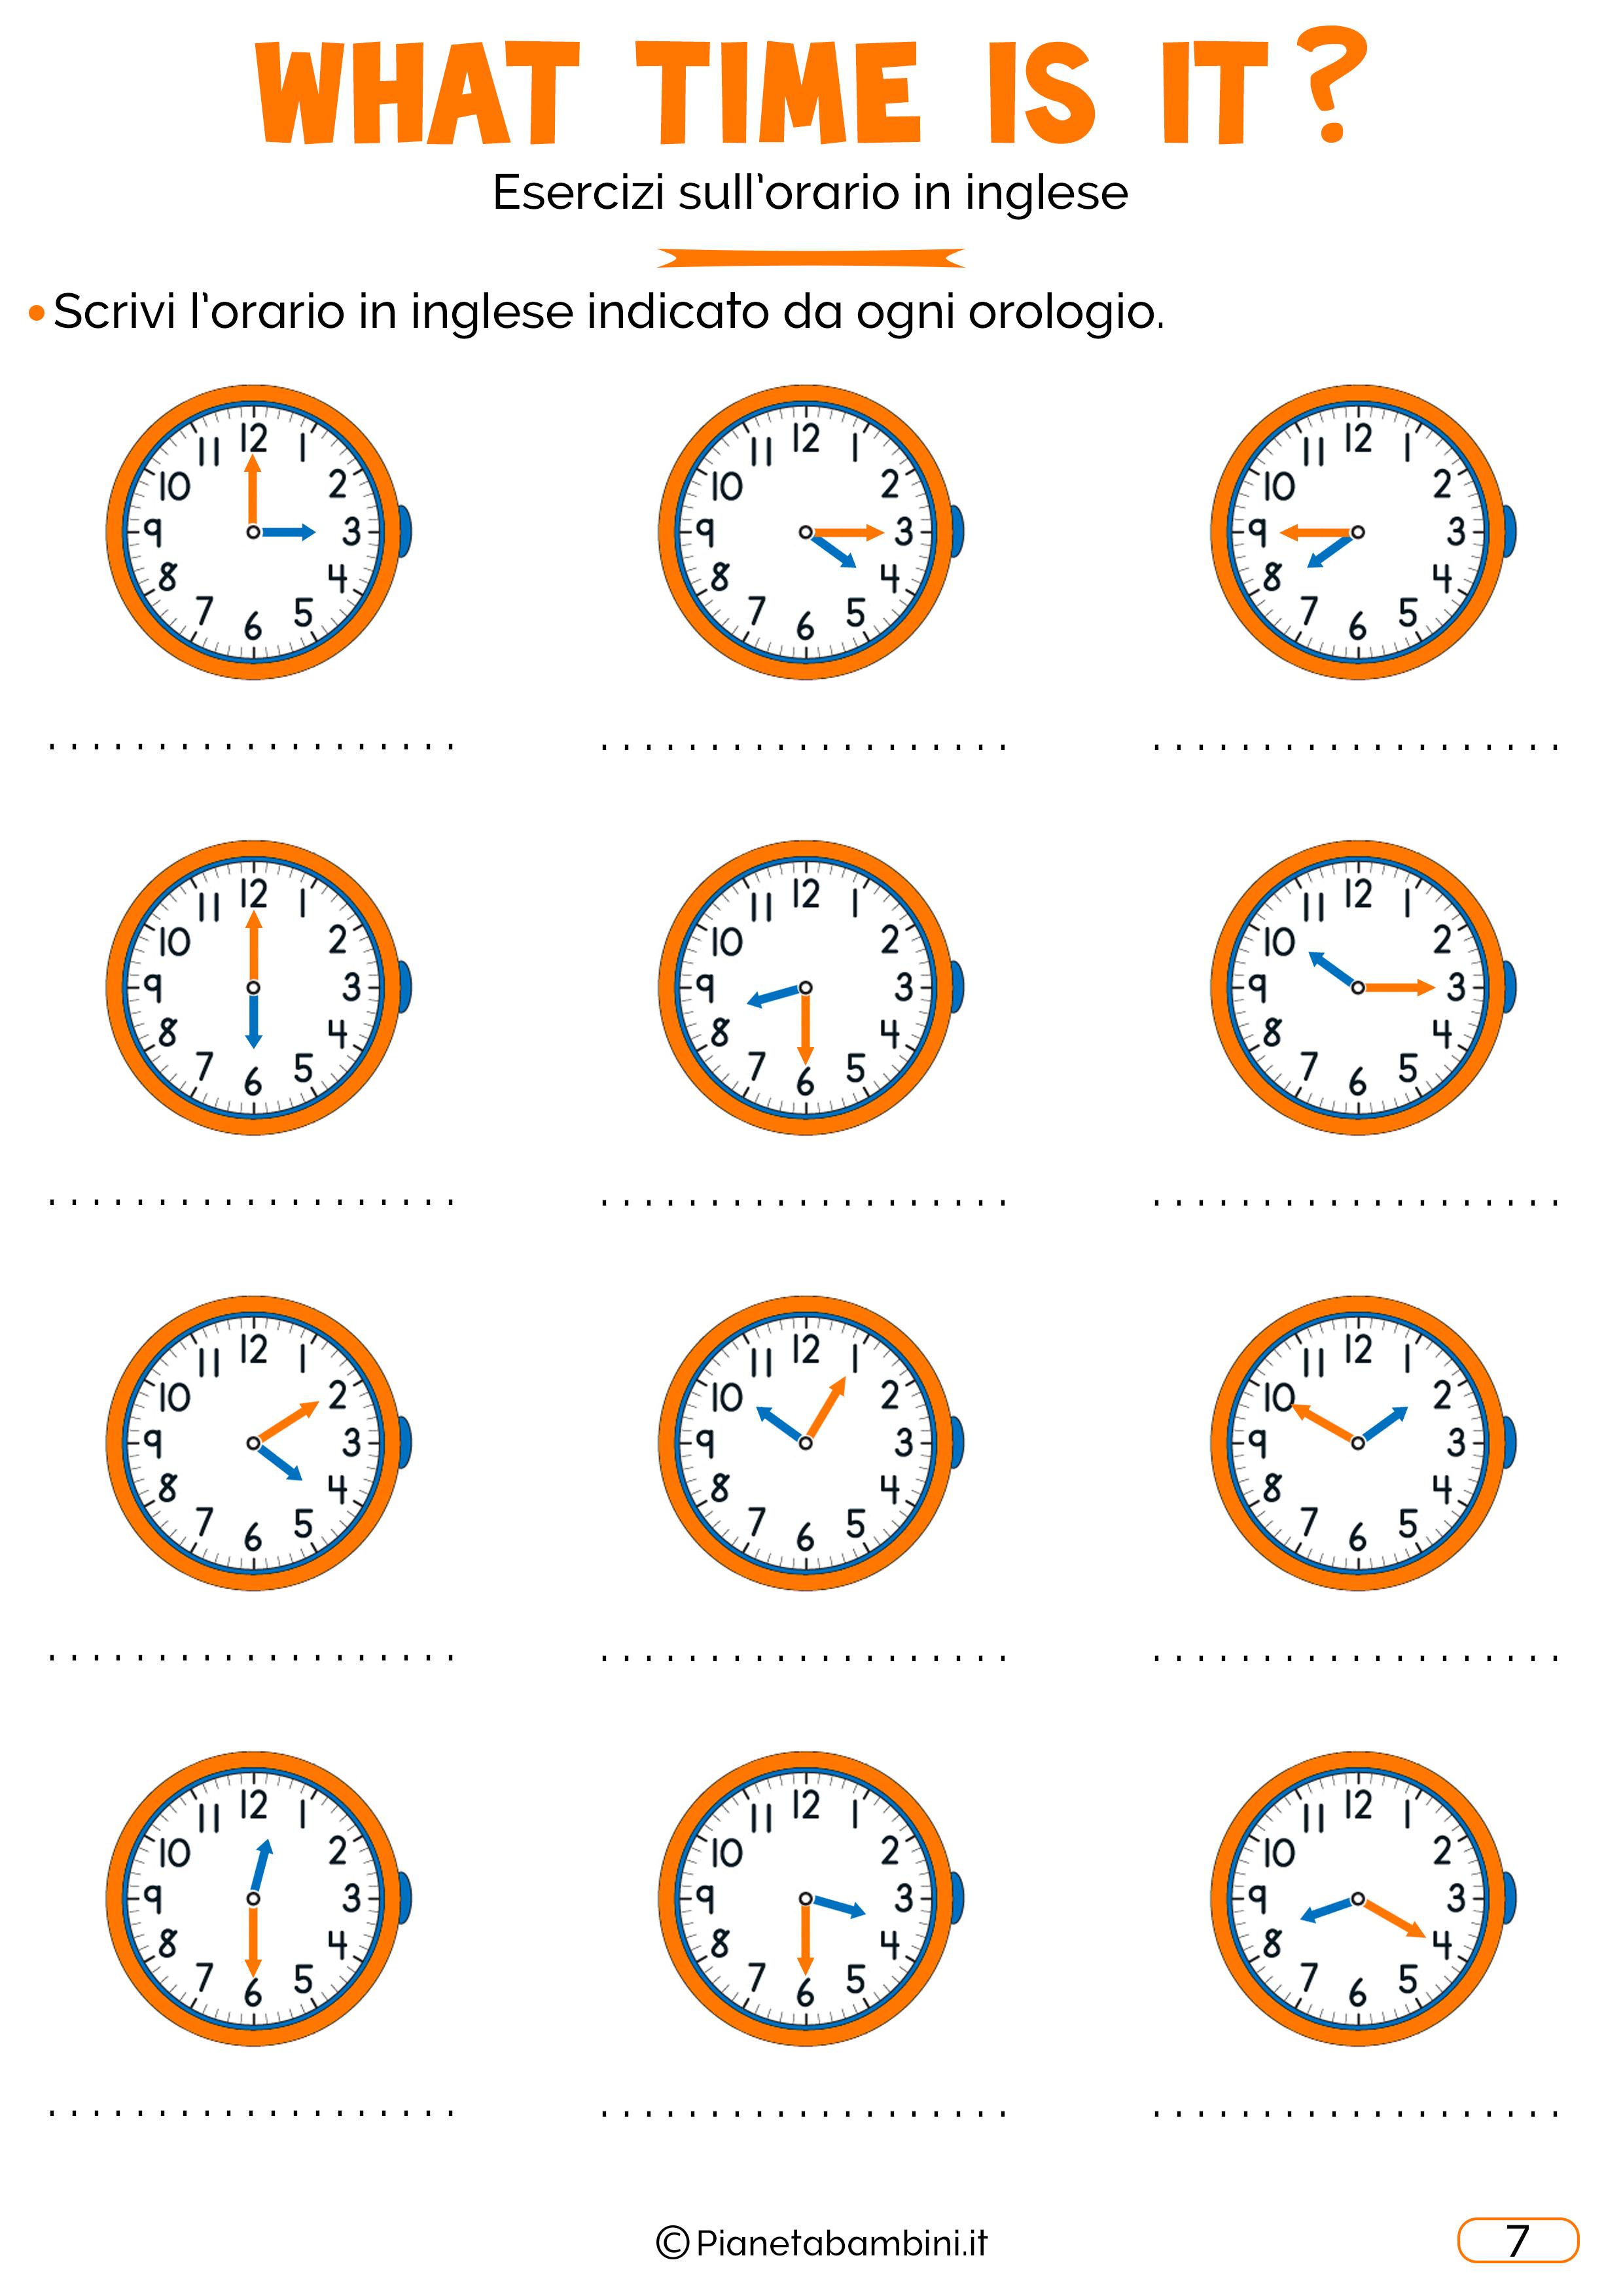 Scheda didattica sull'orario in inglese 07